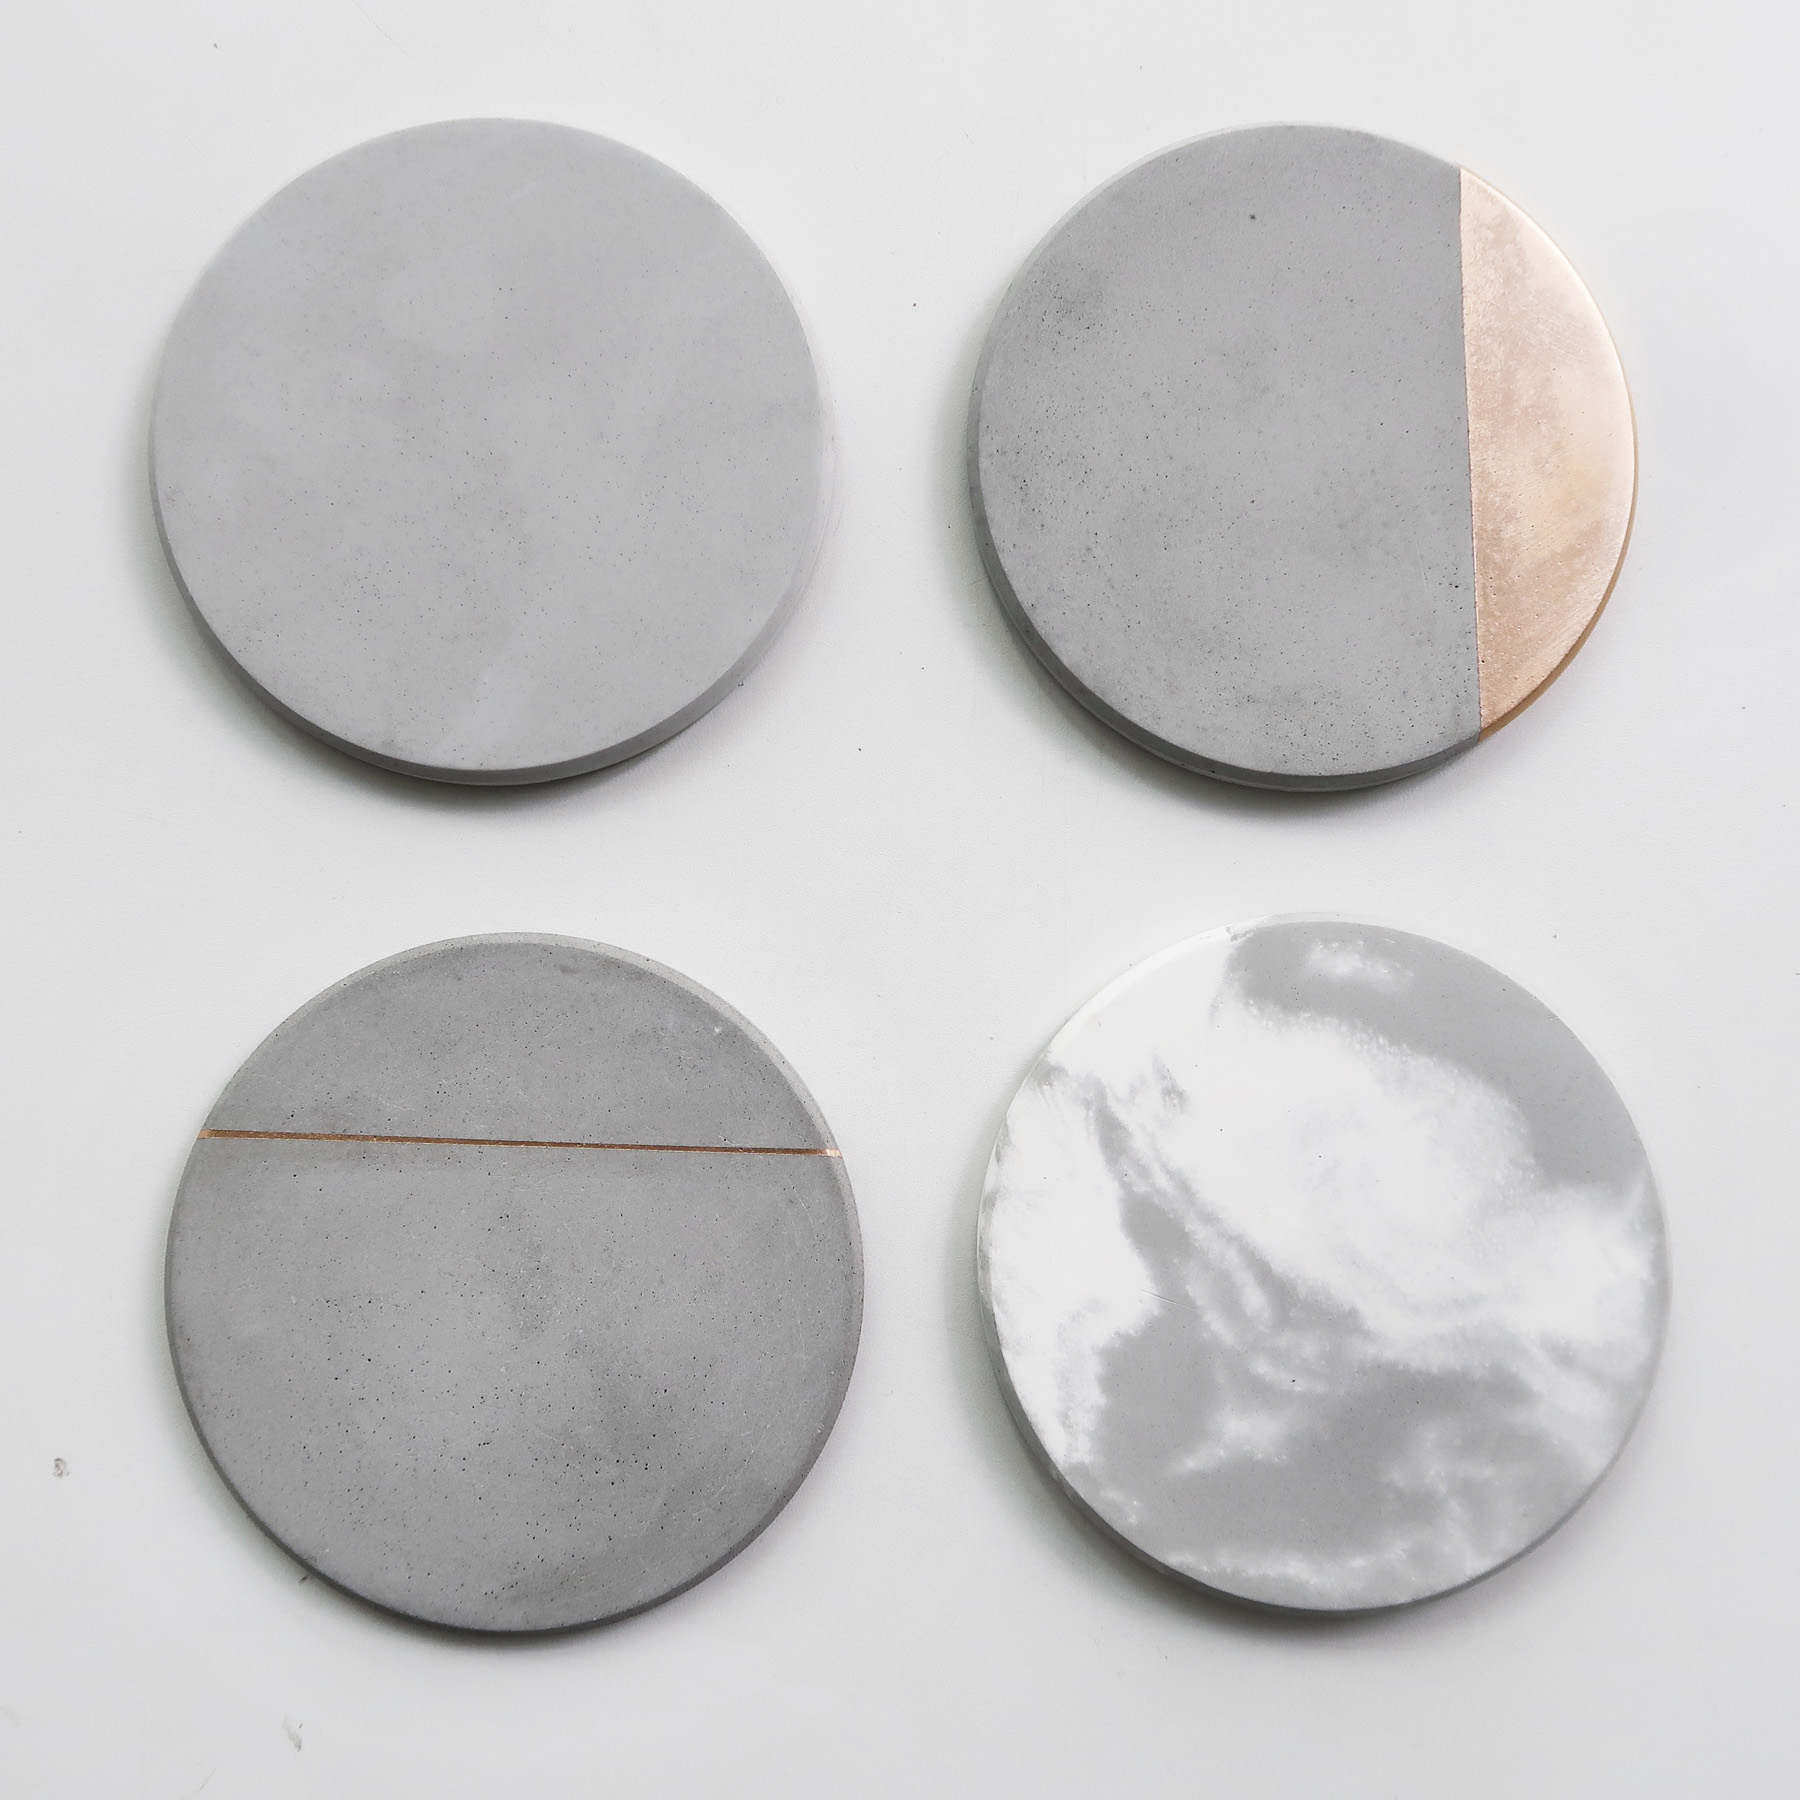 Concrete Design 太陽系倒角設計水泥吸水圓墊・杯墊・飾品盤